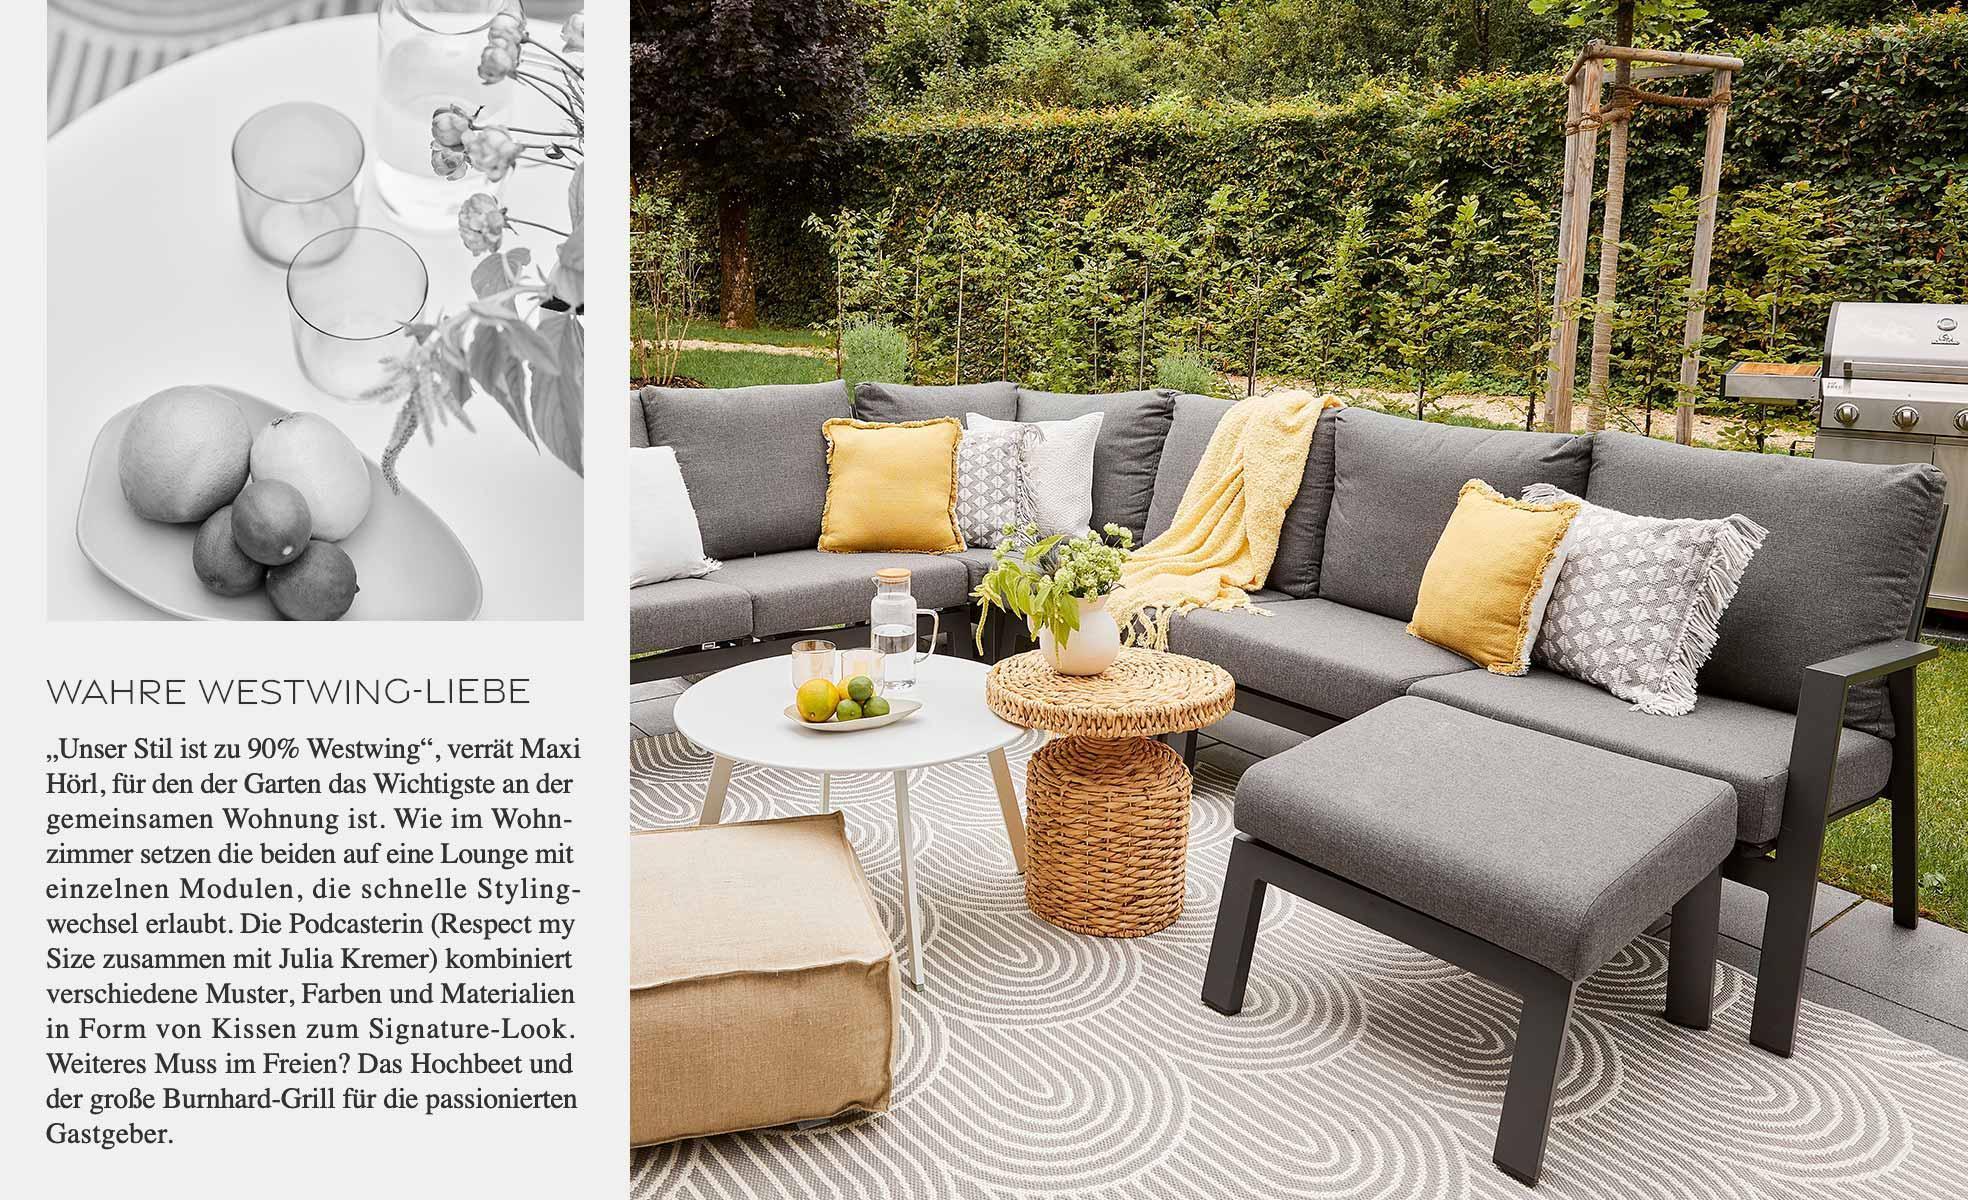 Verena Prechtl Outdoor Terrasse Westwing